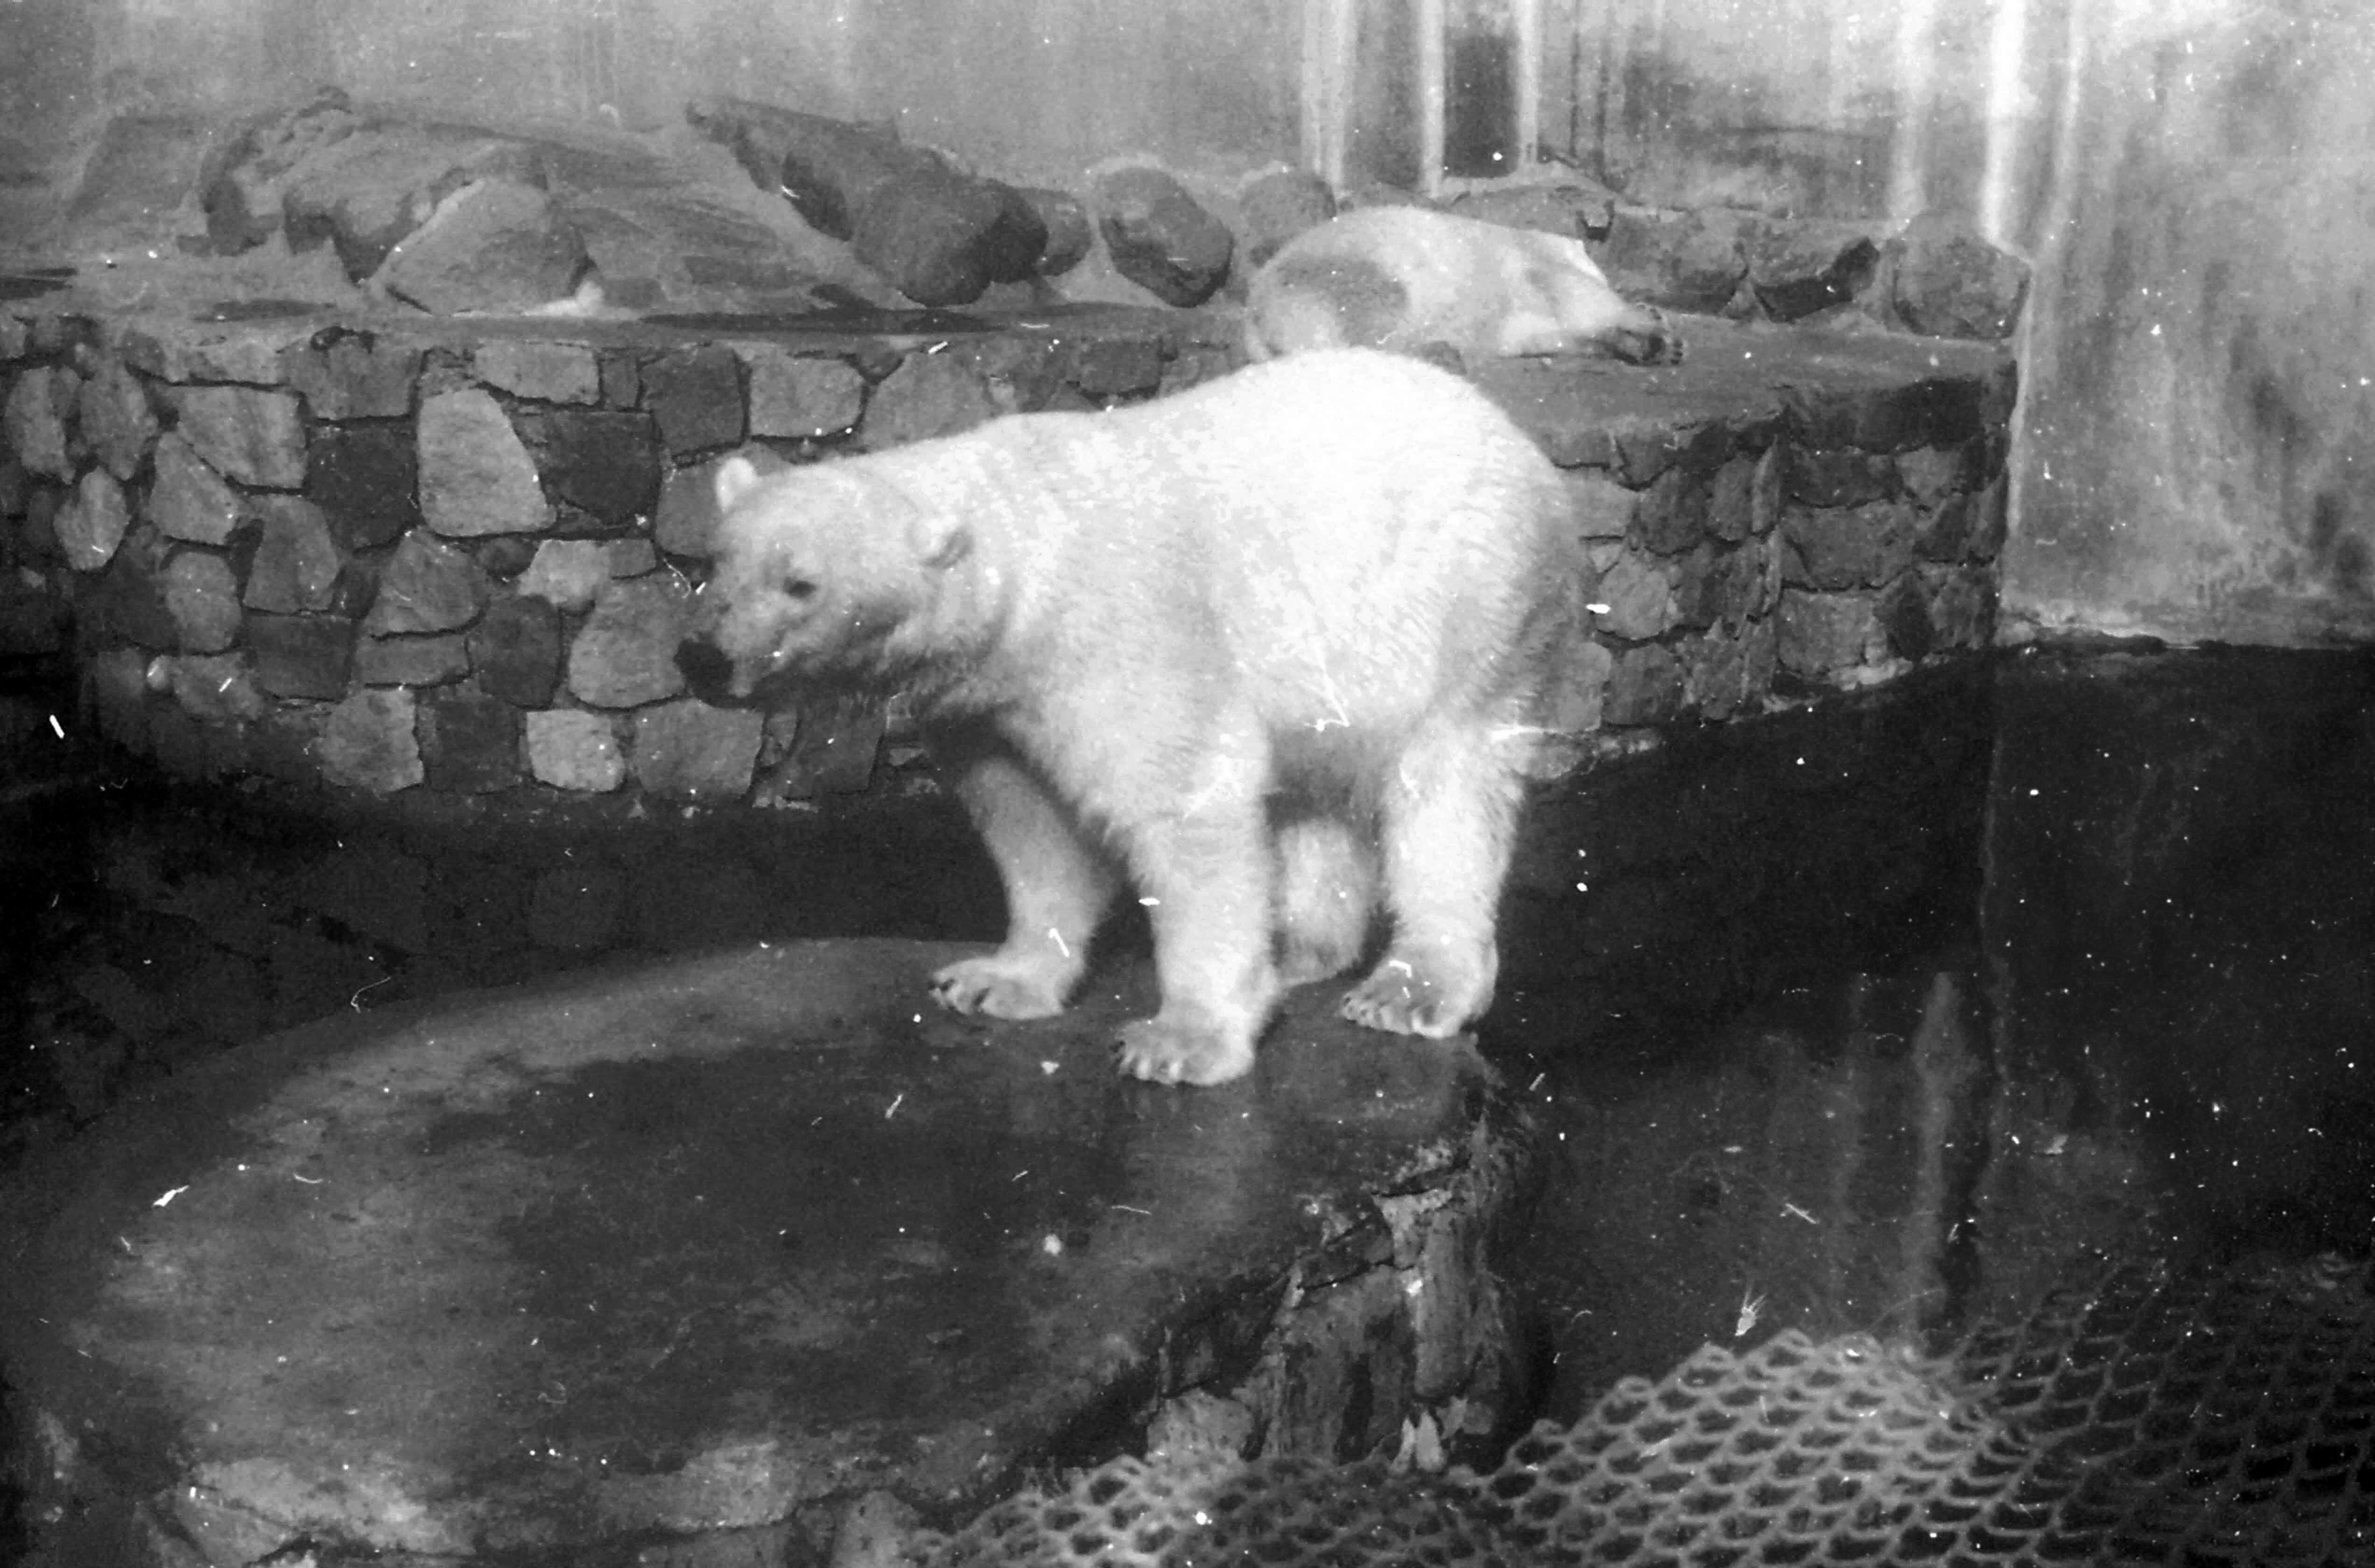 Enterreno - Fotos históricas de chile - fotos antiguas de Chile - Zoológico de Santiago hacia 1970